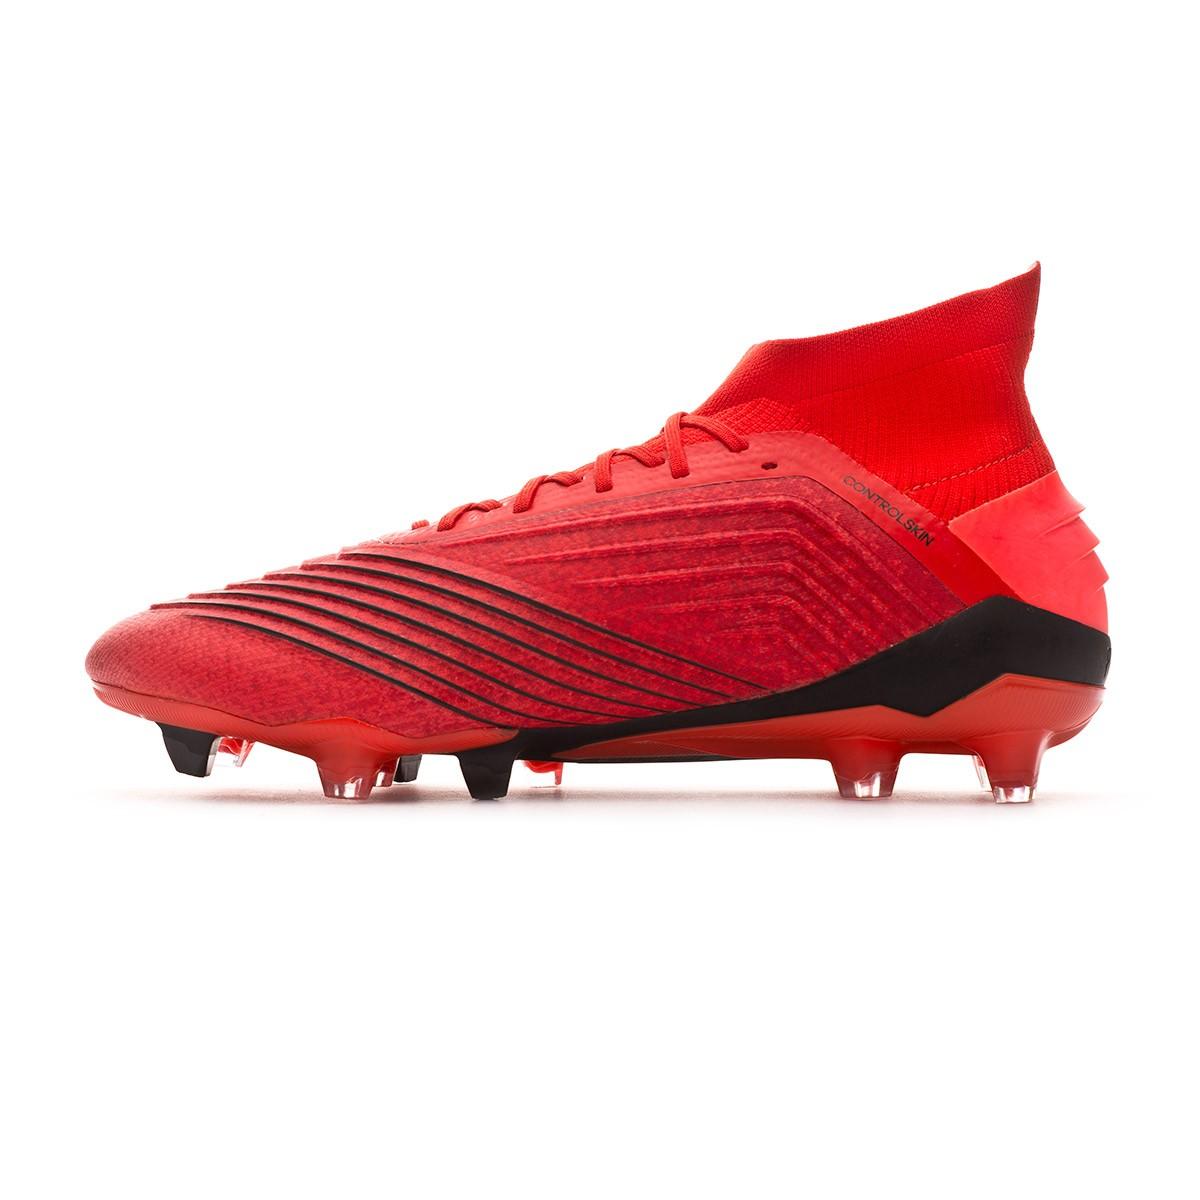 Zapatos de fútbol adidas Predator 19.1 FG